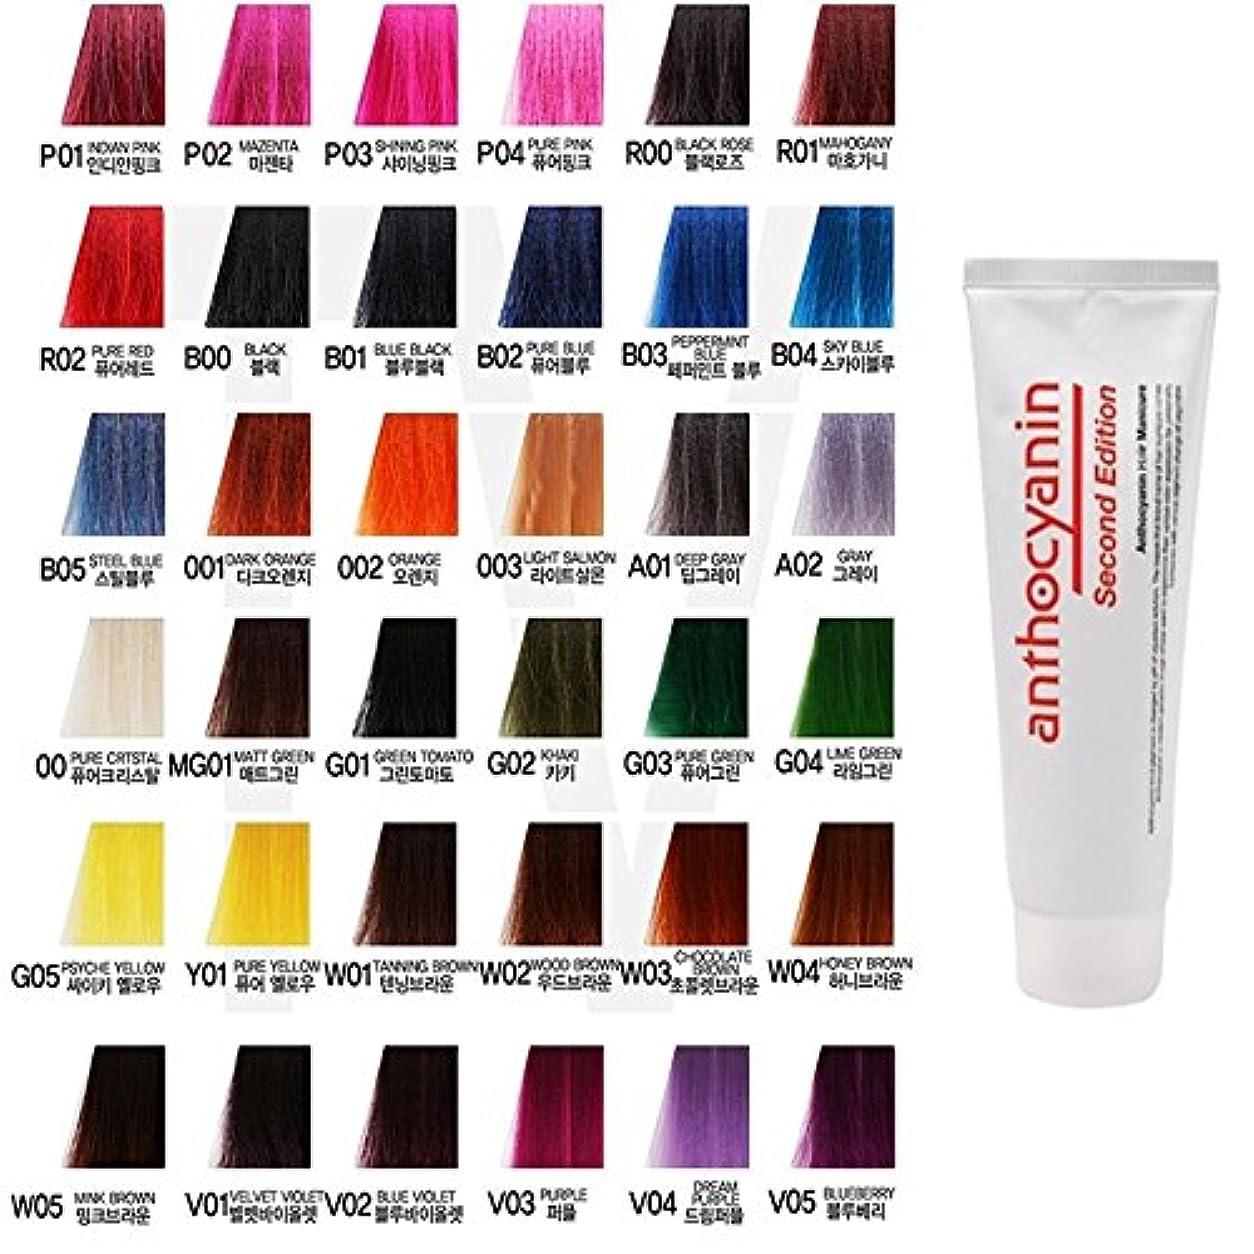 わざわざ類推添加剤ヘア マニキュア カラー セカンド エディション 230g セミ パーマネント 染毛剤 (Hair Manicure Color Second Edition 230g Semi Permanent Hair Dye) [並行輸入品] (G14 Psyche Lime)